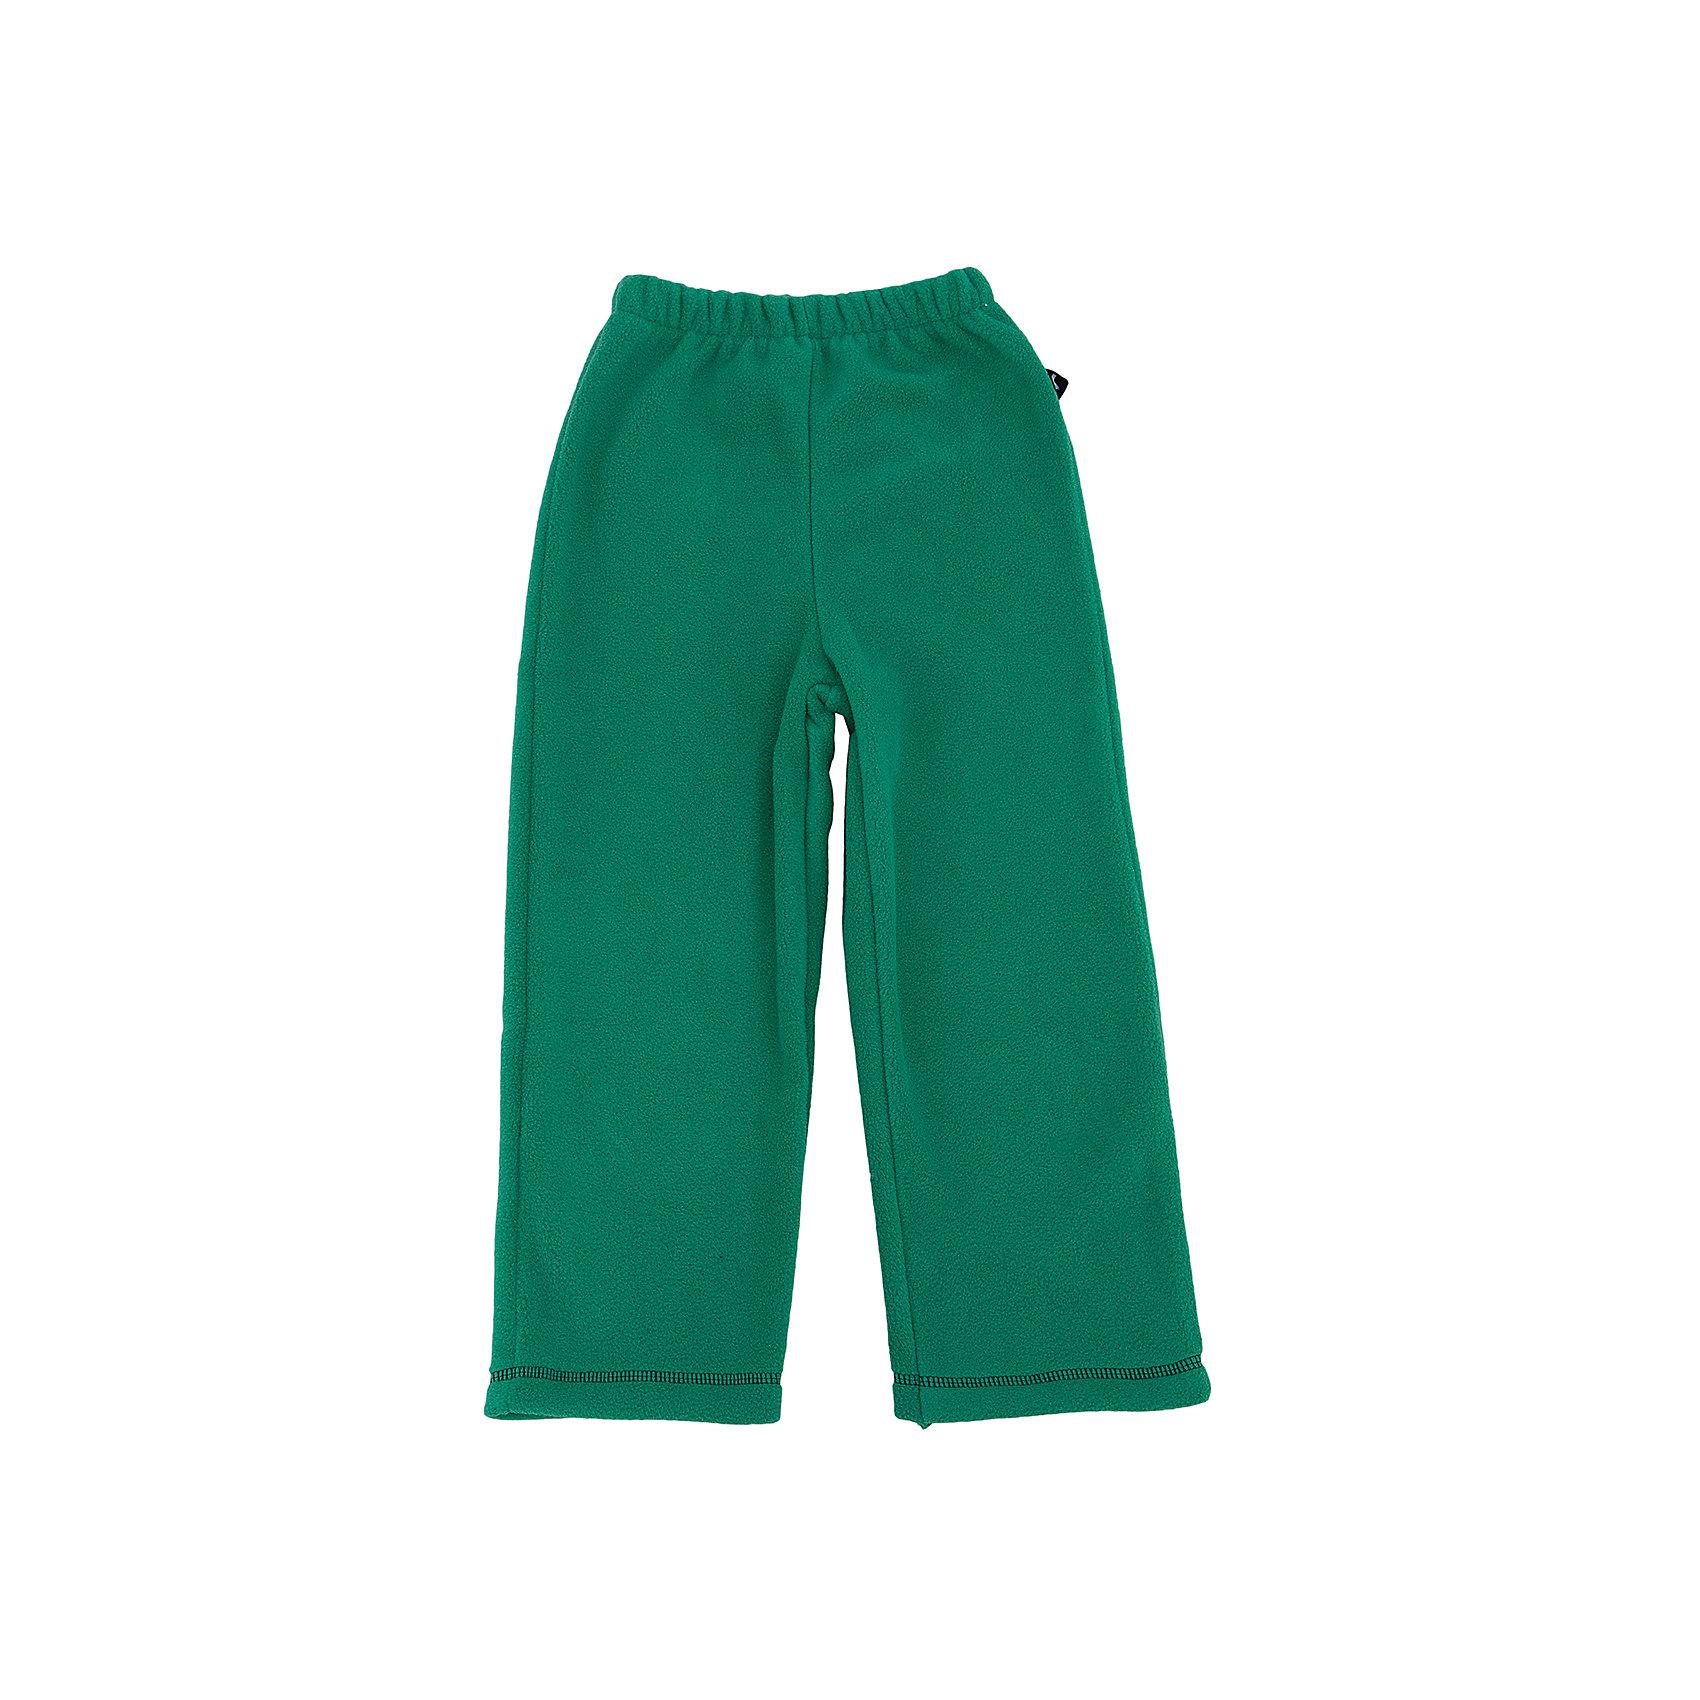 Штаны Радуга ЛисФлисФлис и термобелье<br>Характеристики штанов: <br><br>- комплектация: штаны<br>- пол: для мальчика<br>- цвет: зеленый<br>- вид застежки: без застежки; резинка<br>- крой брючин: прямой<br>- тип посадки: средняя посадка<br>- фактура материала: флис<br>- уход за вещами: предварительная стирка<br>- рисунок: без рисунка<br>- плотность: синтетического утеплителя<br>- утеплитель: без утепления<br>- назначение: повседневная<br>- характеристика пух/перо: fill power<br>- сезон: круглогодичный<br>- страна бренда: Россия<br>- страна производитель: Россия<br><br>Штаны Радуга торговой марки ЛисФлис - это отличная покупка для Вашего ребенка, изделие обладает высоким качеством и доступной ценой. Модель представлена во многих цветах и обладает богатством выбора!<br><br>Штаны для мальчика торговой марки ЛисФлис  можно купить в нашем интернет-магазине.<br><br>Ширина мм: 215<br>Глубина мм: 88<br>Высота мм: 191<br>Вес г: 336<br>Цвет: зеленый<br>Возраст от месяцев: 12<br>Возраст до месяцев: 15<br>Пол: Унисекс<br>Возраст: Детский<br>Размер: 80,146,140,134,128,122,116,110,104,98,92,86<br>SKU: 4939215